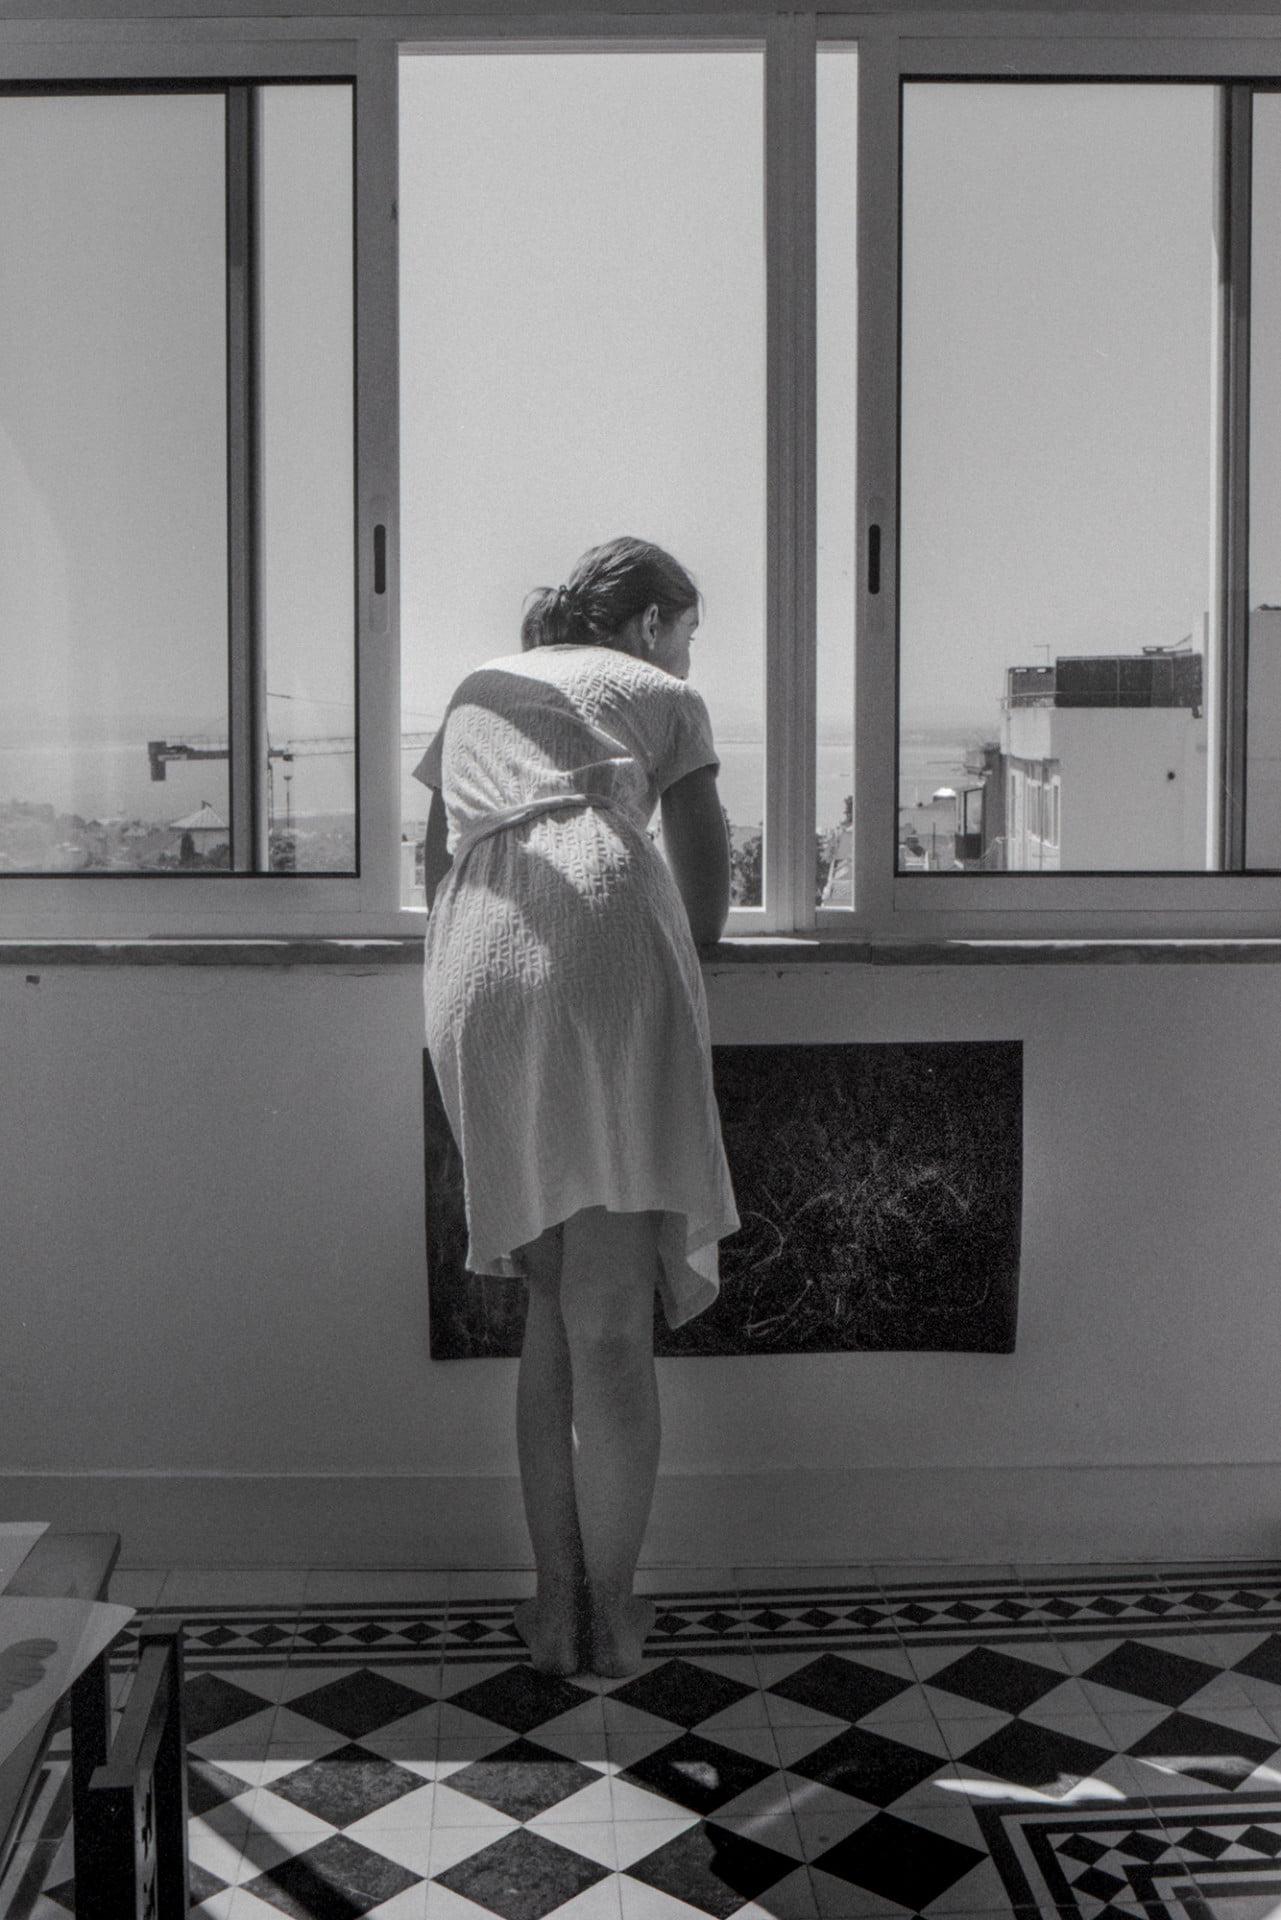 Joana dans sa robe de chambre à sa fenêtre, Lisbonne